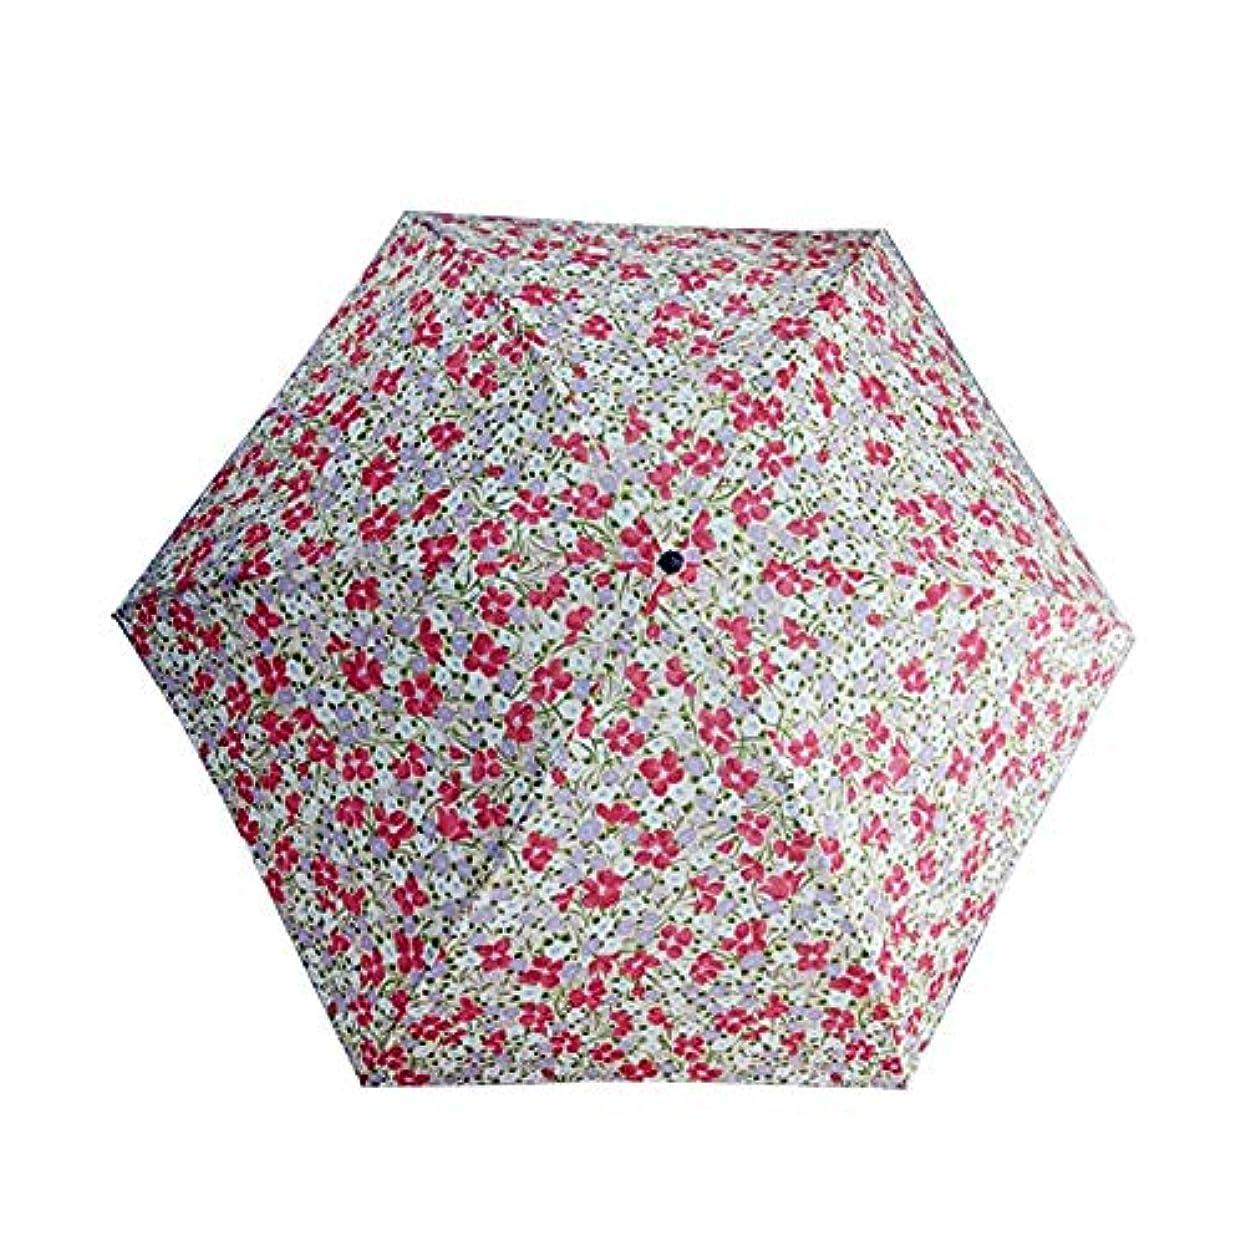 換気ジェーンオースティン雑品【超軽量 日傘 日本製】約130g 紫外線防止加工 UVカット 折りたたみ傘 (パターン1)